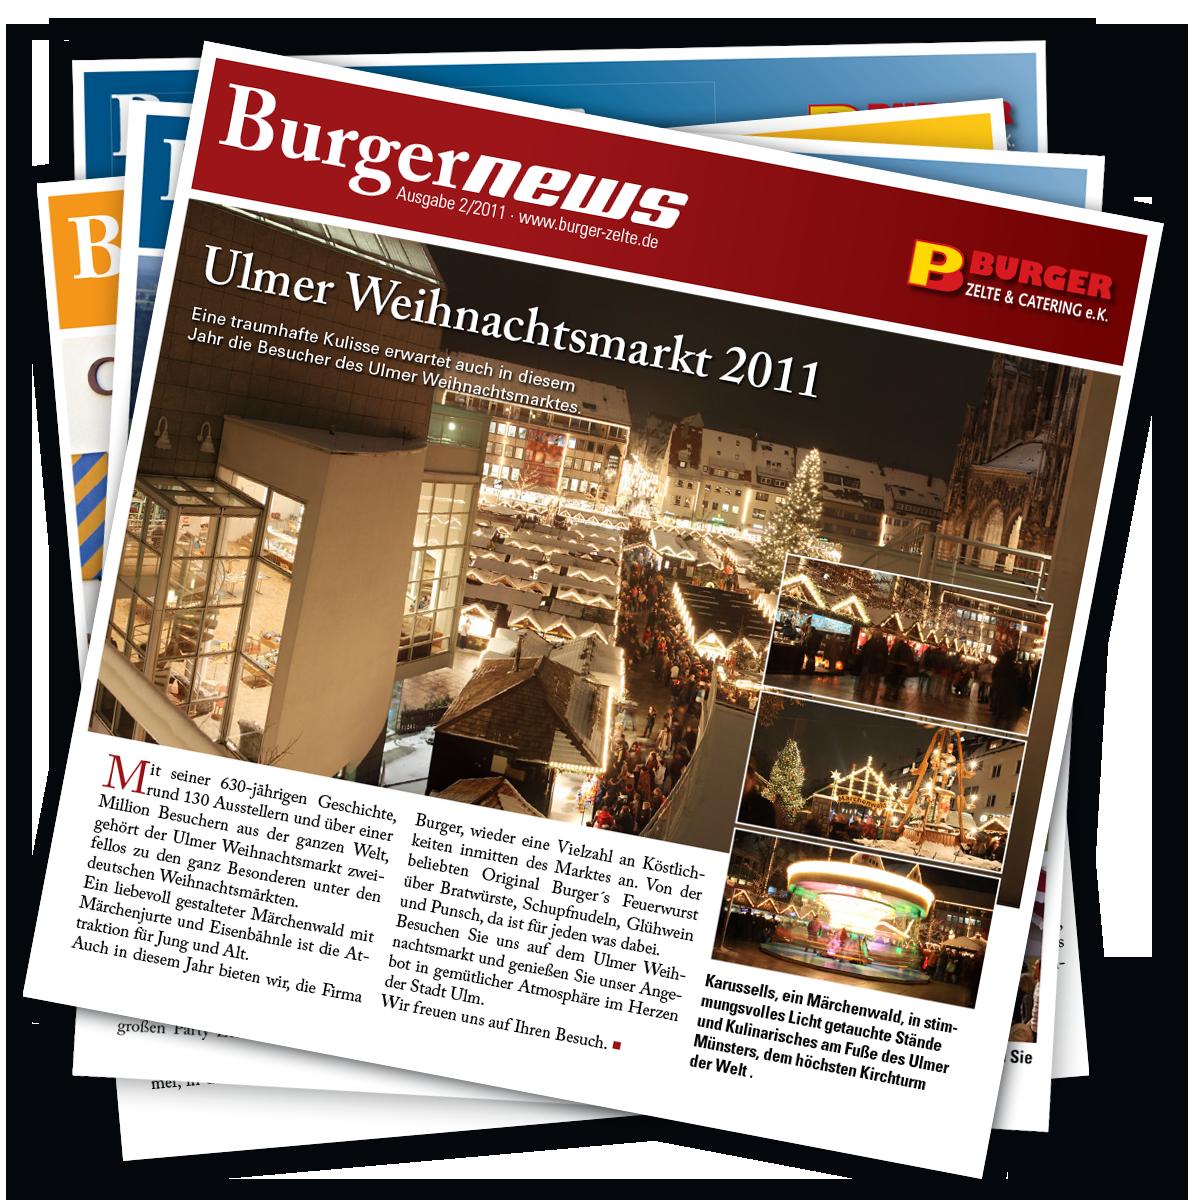 Burger Zelte Catering Kundennews Werbeagentur Babenhausen